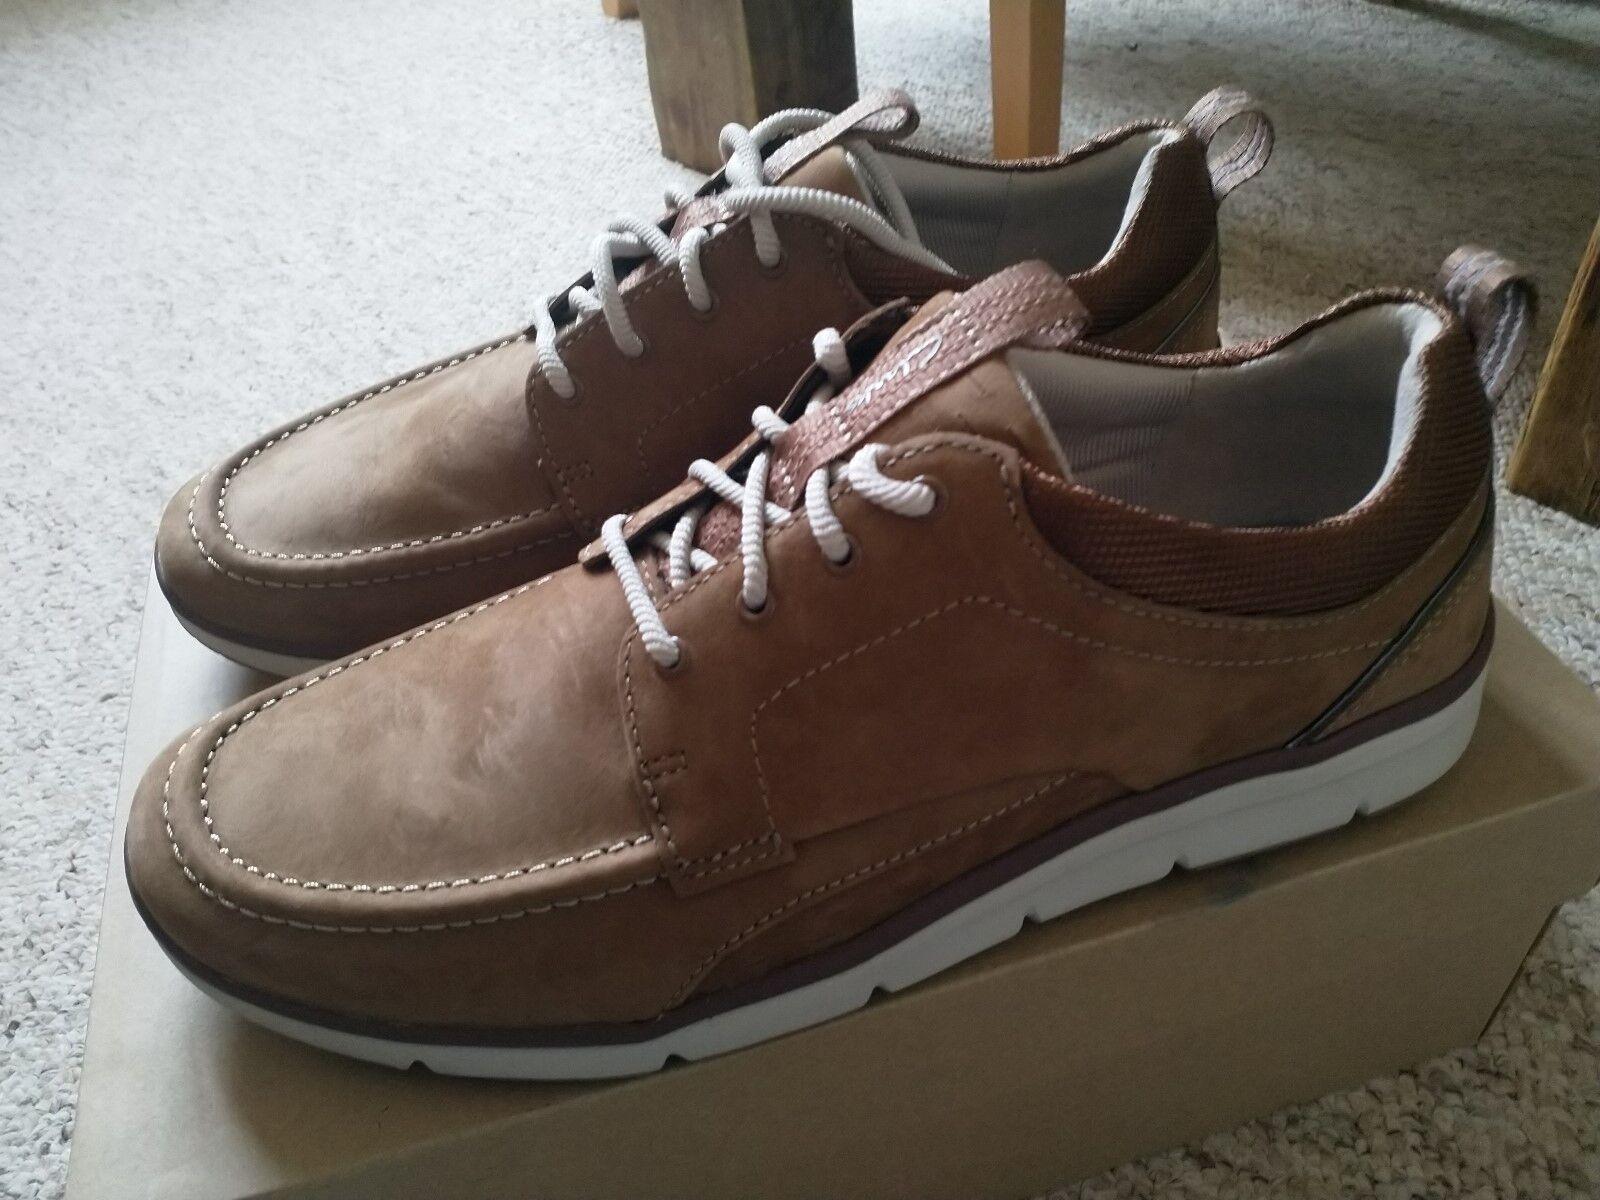 Clarks Hombre Orson Bay low-top Tenis Zapatos-Nuevo